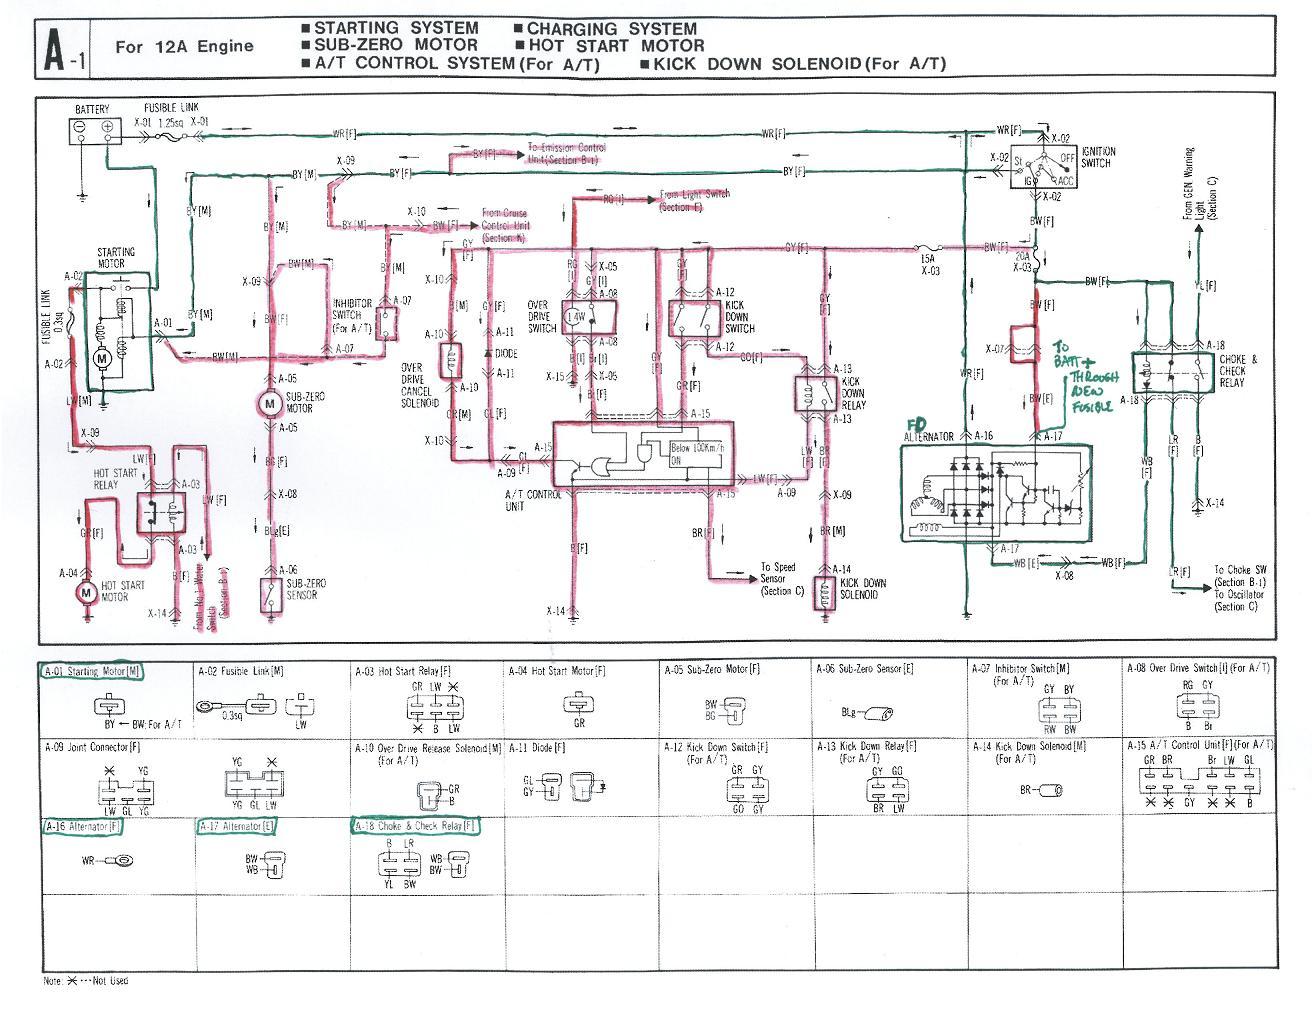 wiring diagram autoloc air commander 2 door remote central lock a street rod wiring schematic nilza net